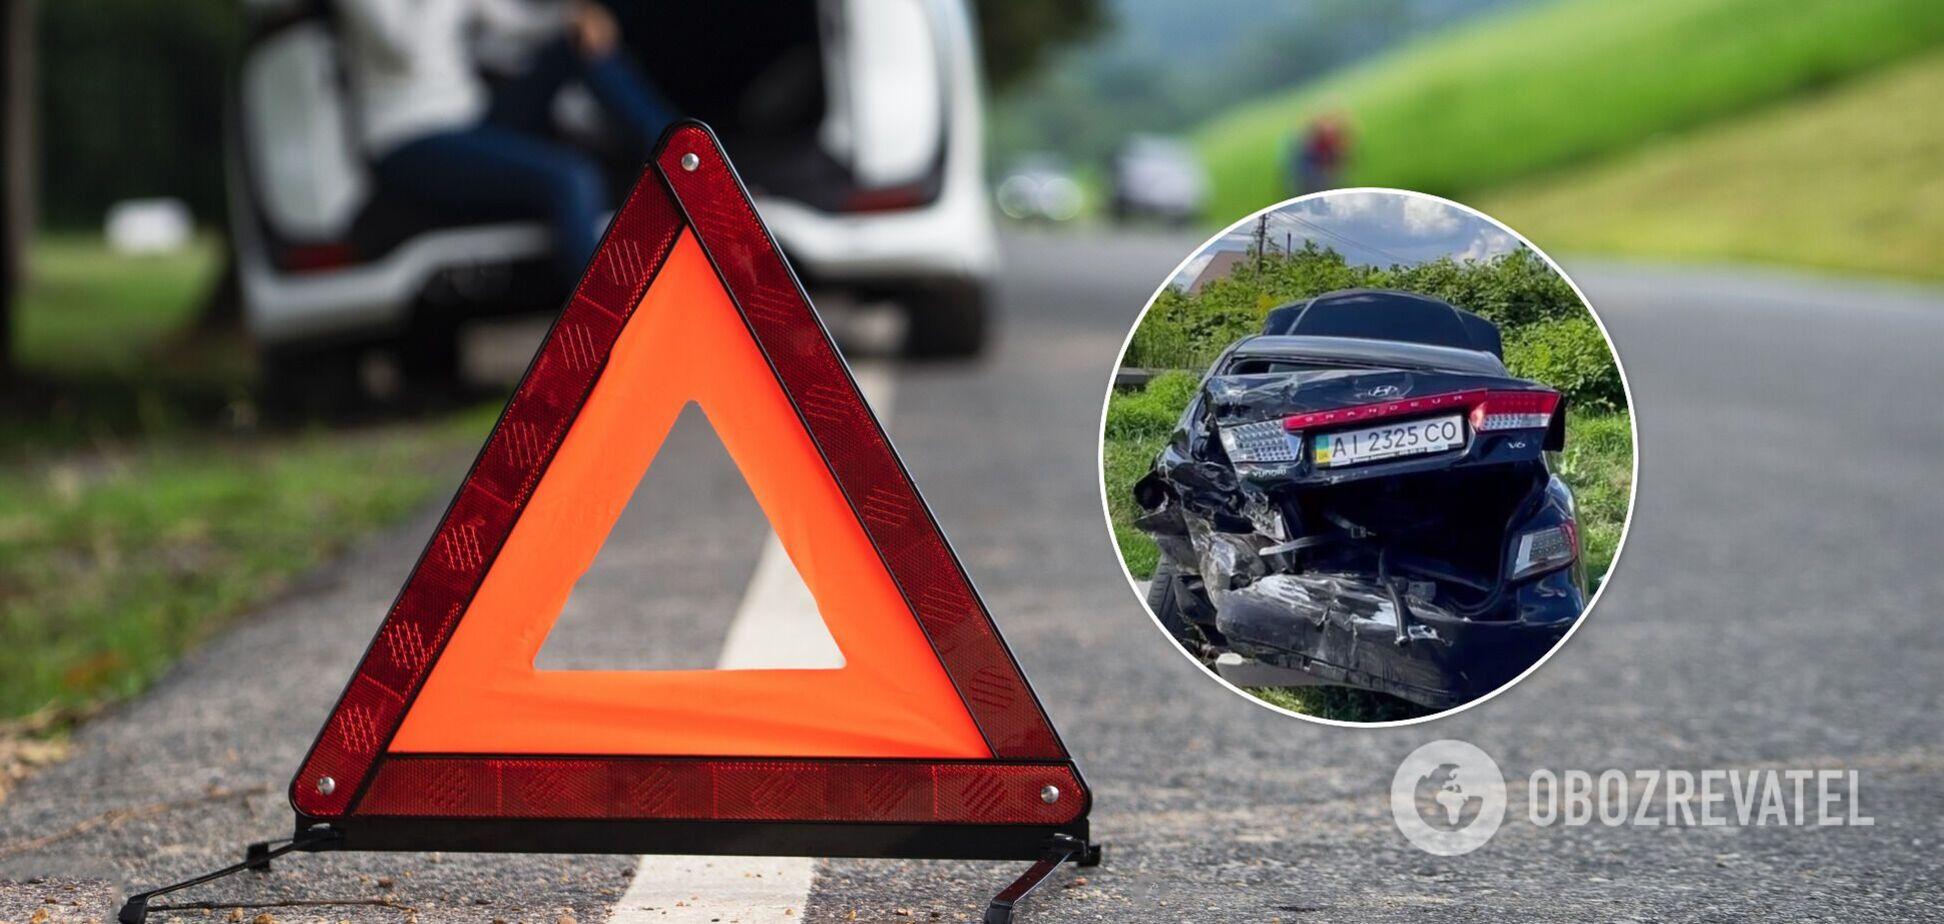 Инцидент произошел в Подольском районе столицы